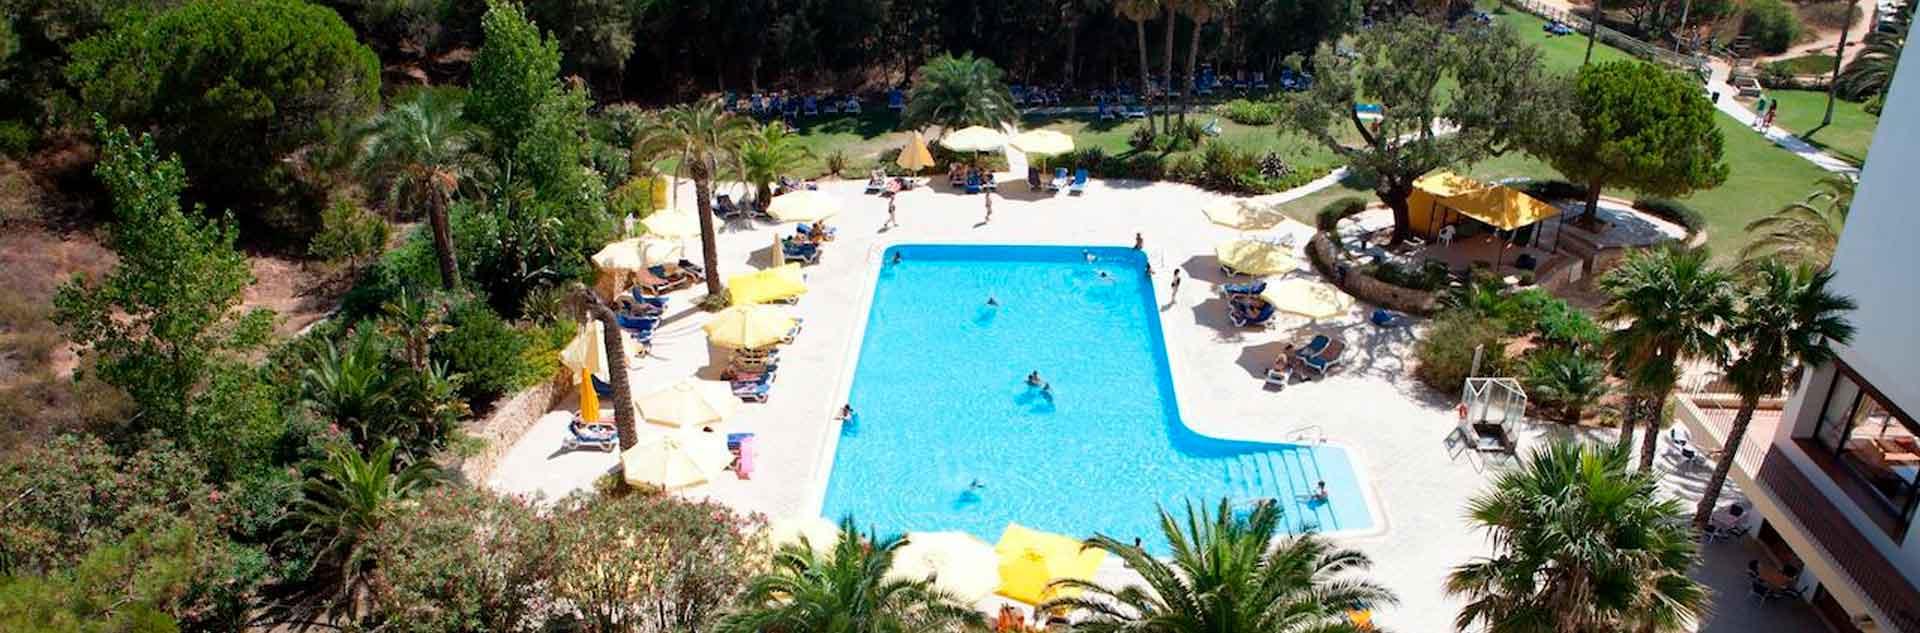 piscina-hotel-alfamar-albufeira